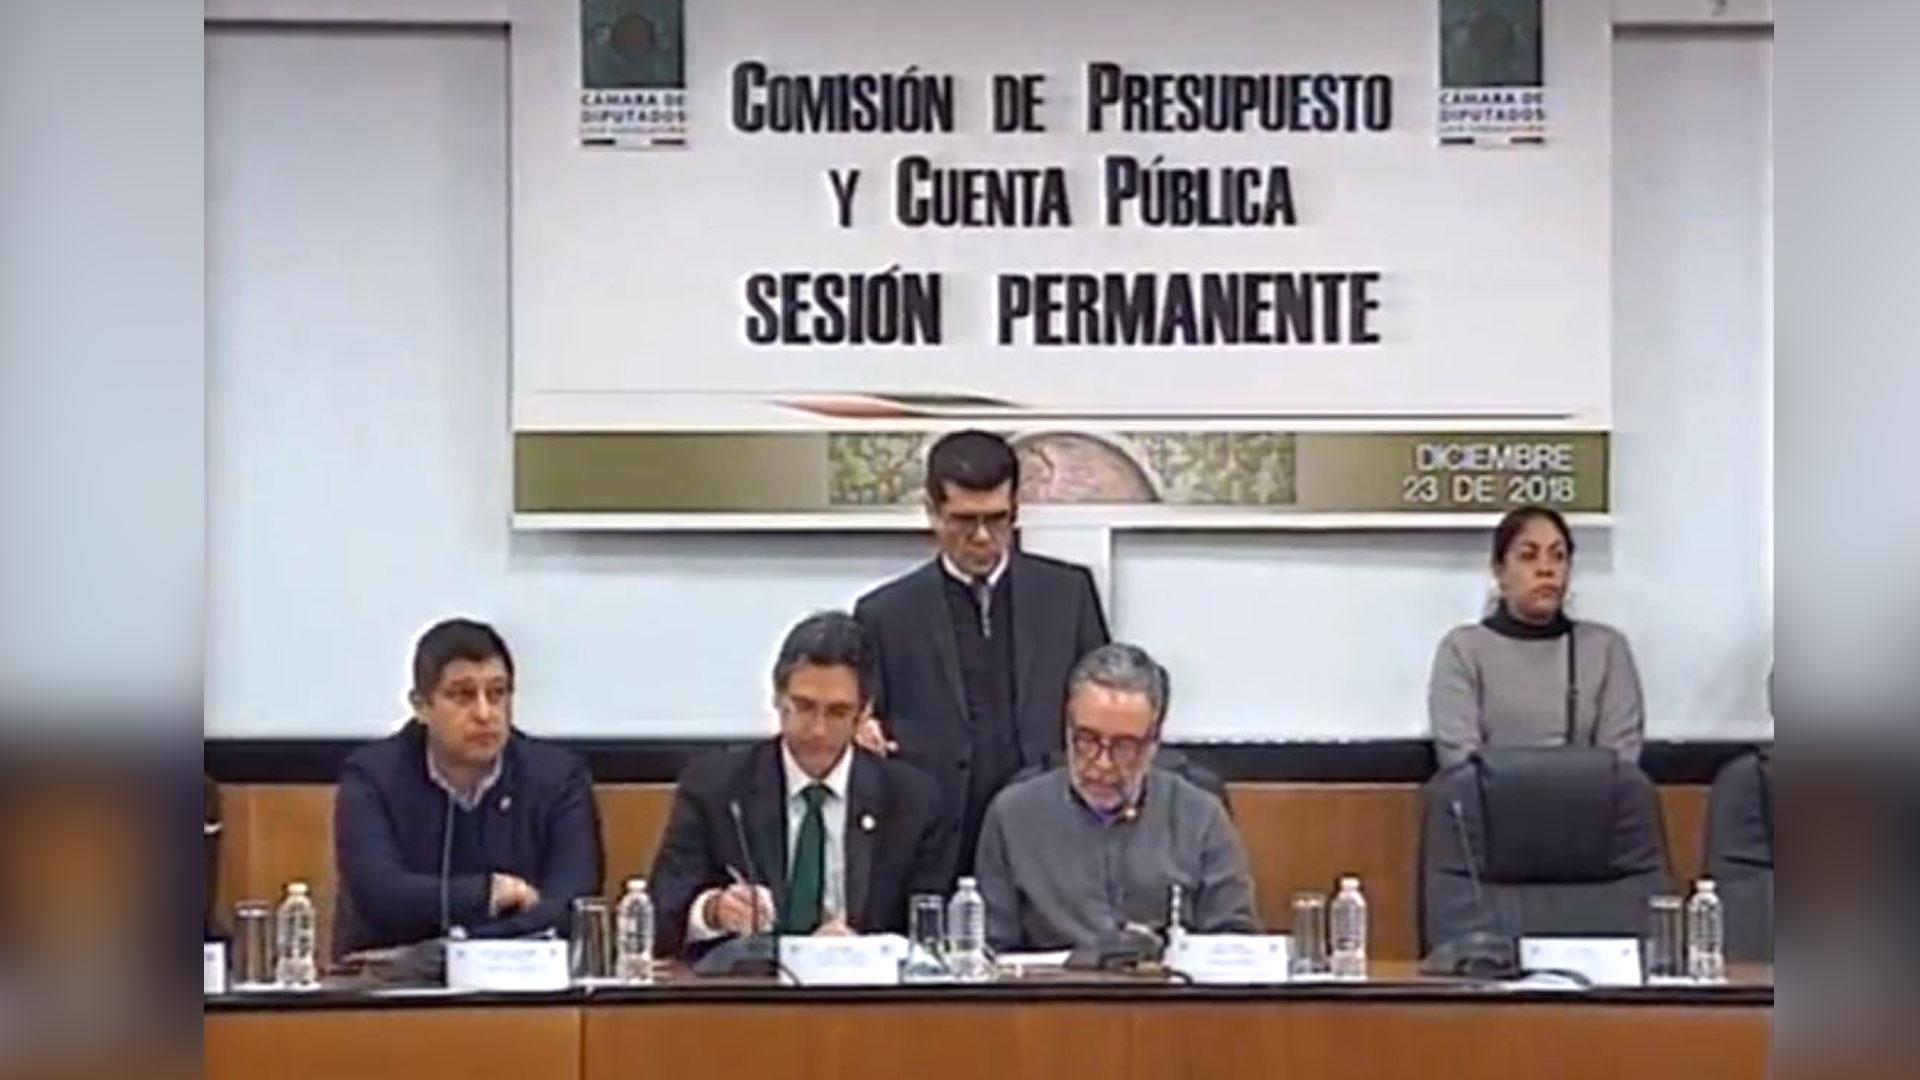 La Comisión de la Cámara de Diputados aprobó el Presupuesto de Egresos 2019 con 34 votos a favor (Fotos: Twitter @mx_diputados)